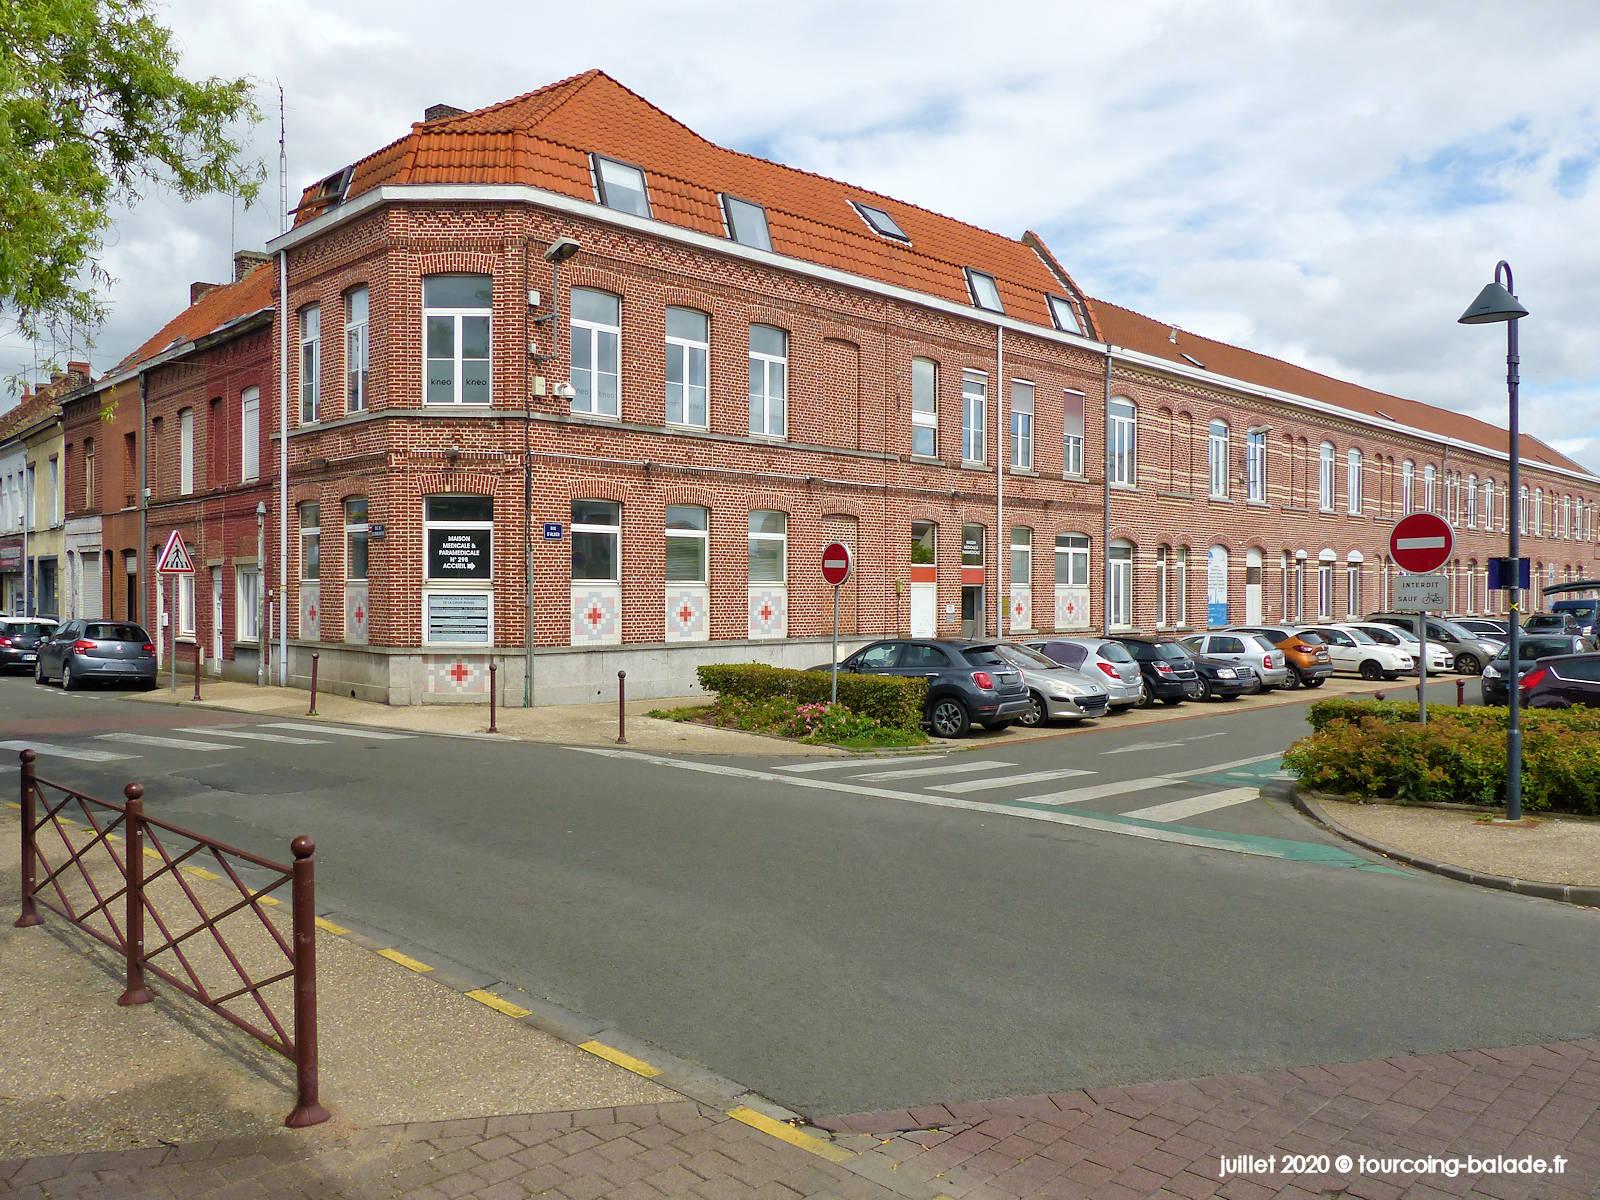 Rue de la Croix Rouge Tourcoing 2020 - Maison Médicale